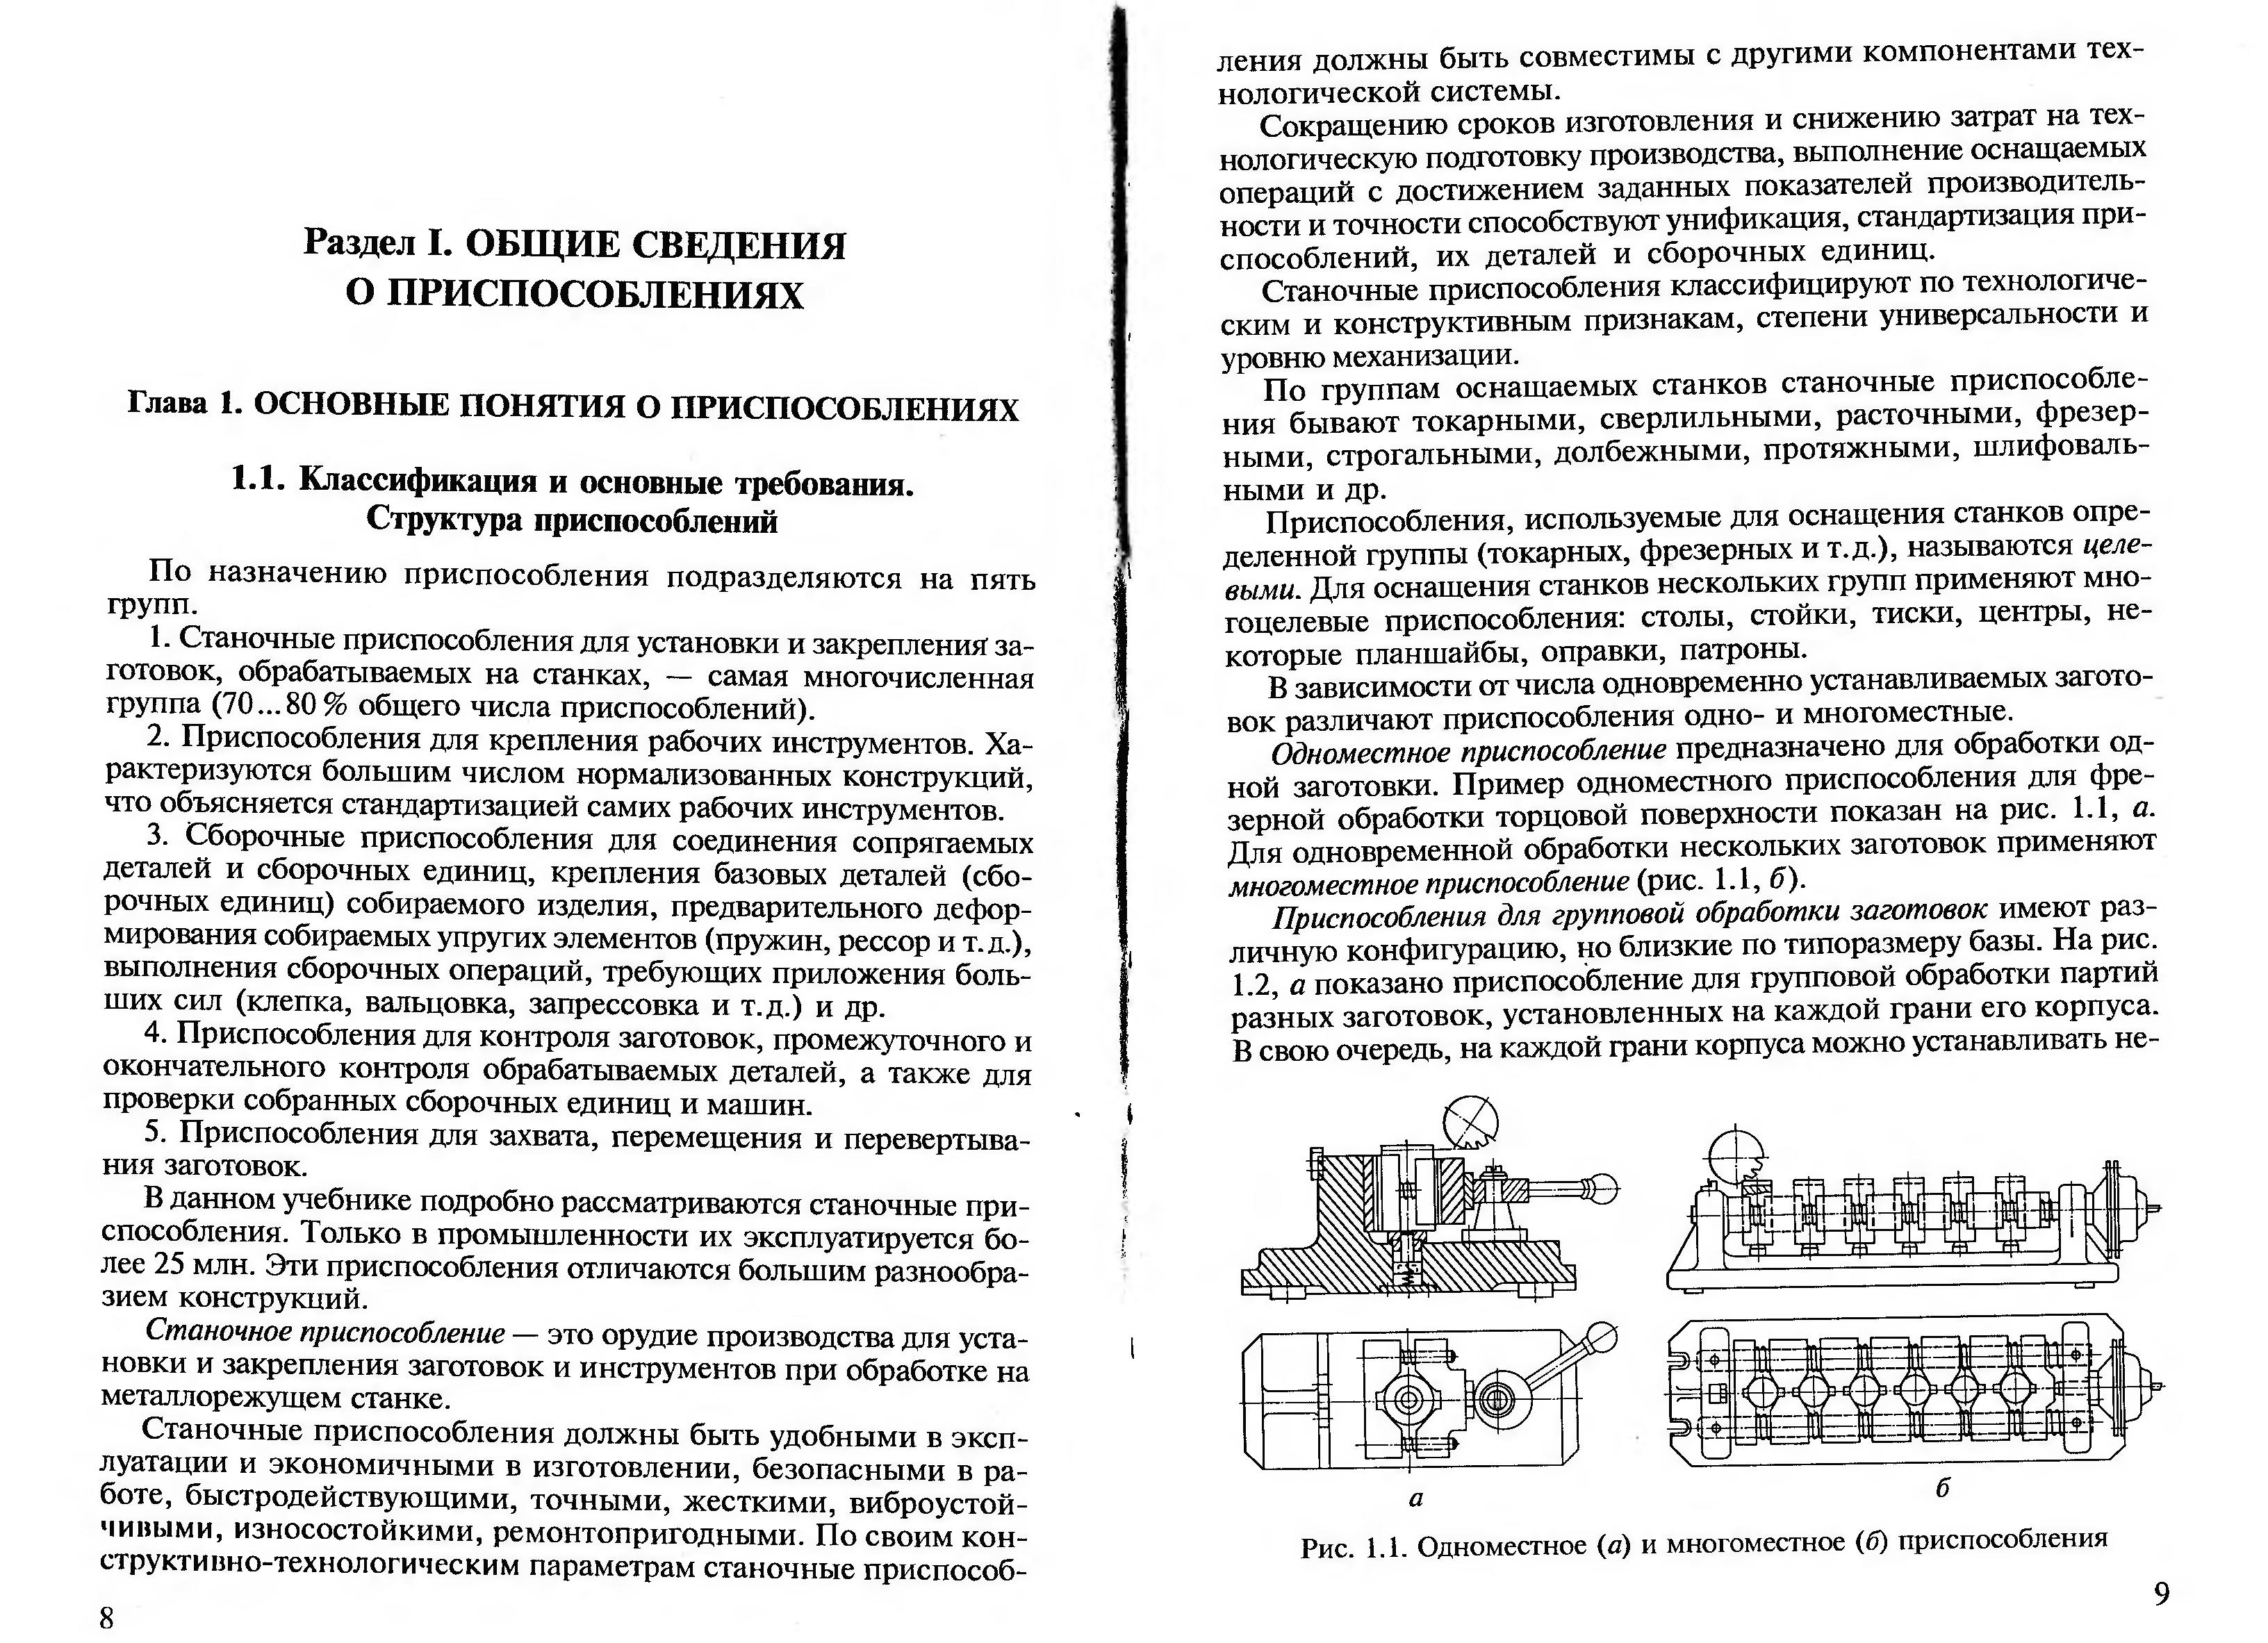 Технологическая оснастка б.и. черпаков